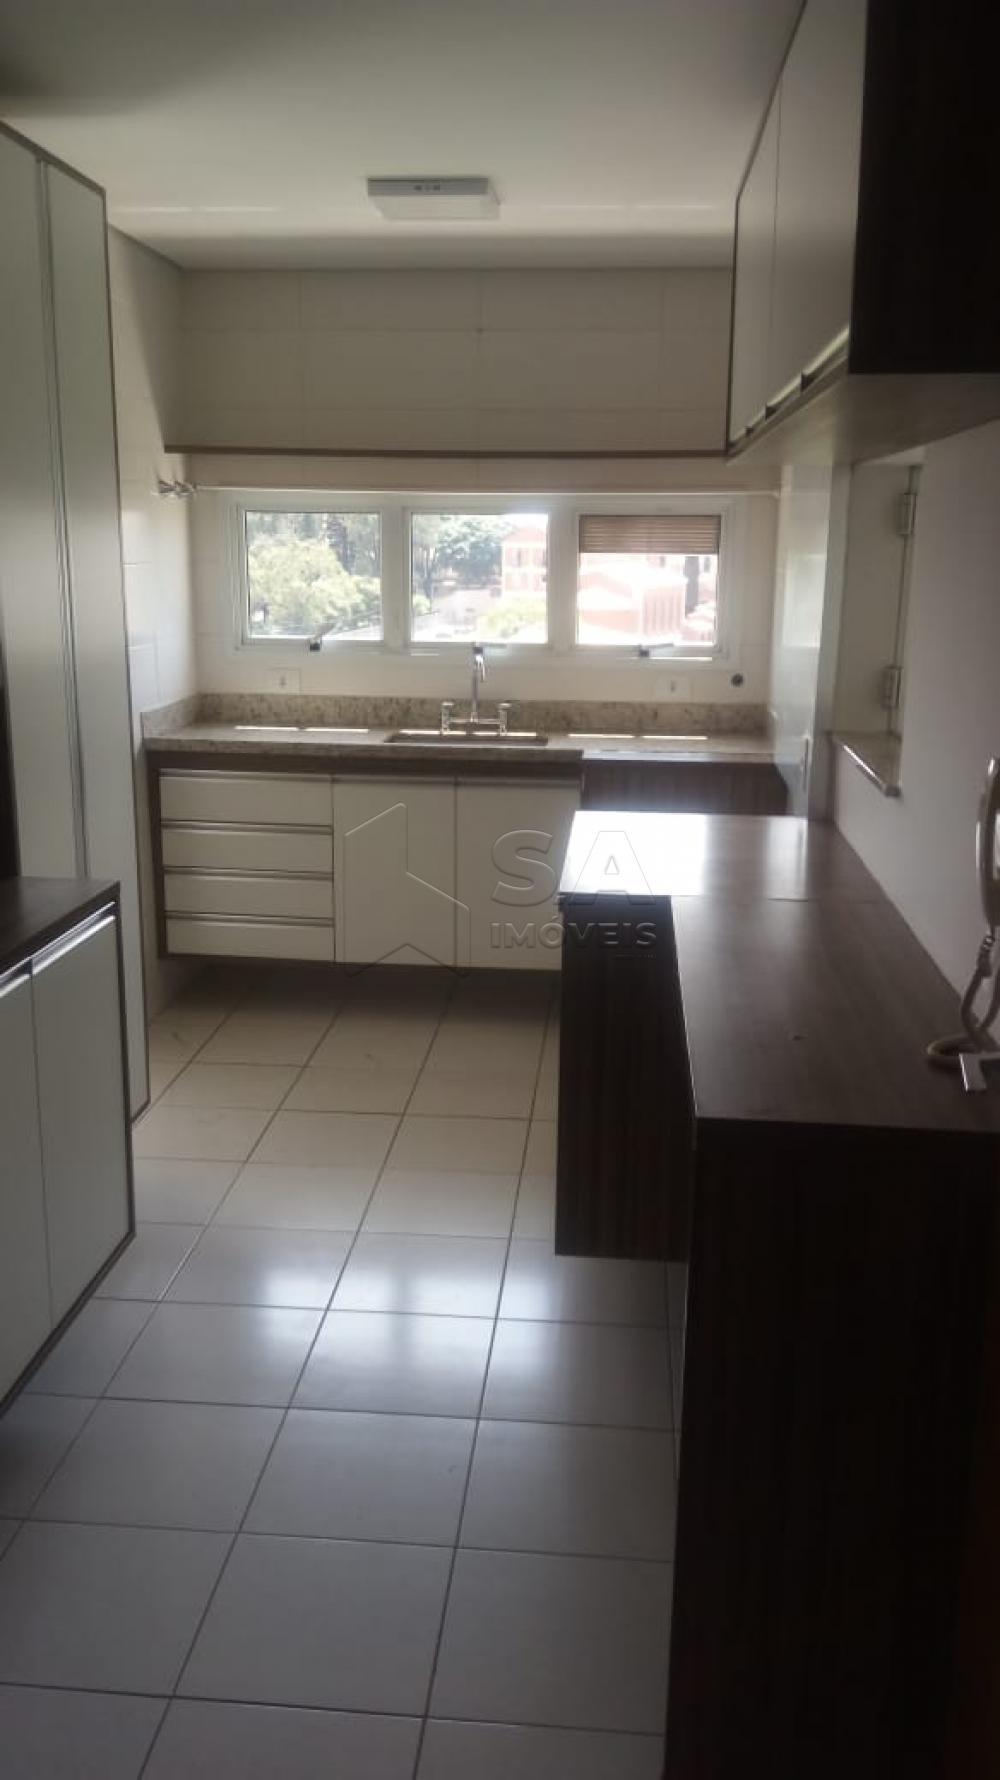 Alugar Apartamento / Padrão em Botucatu apenas R$ 2.000,00 - Foto 8